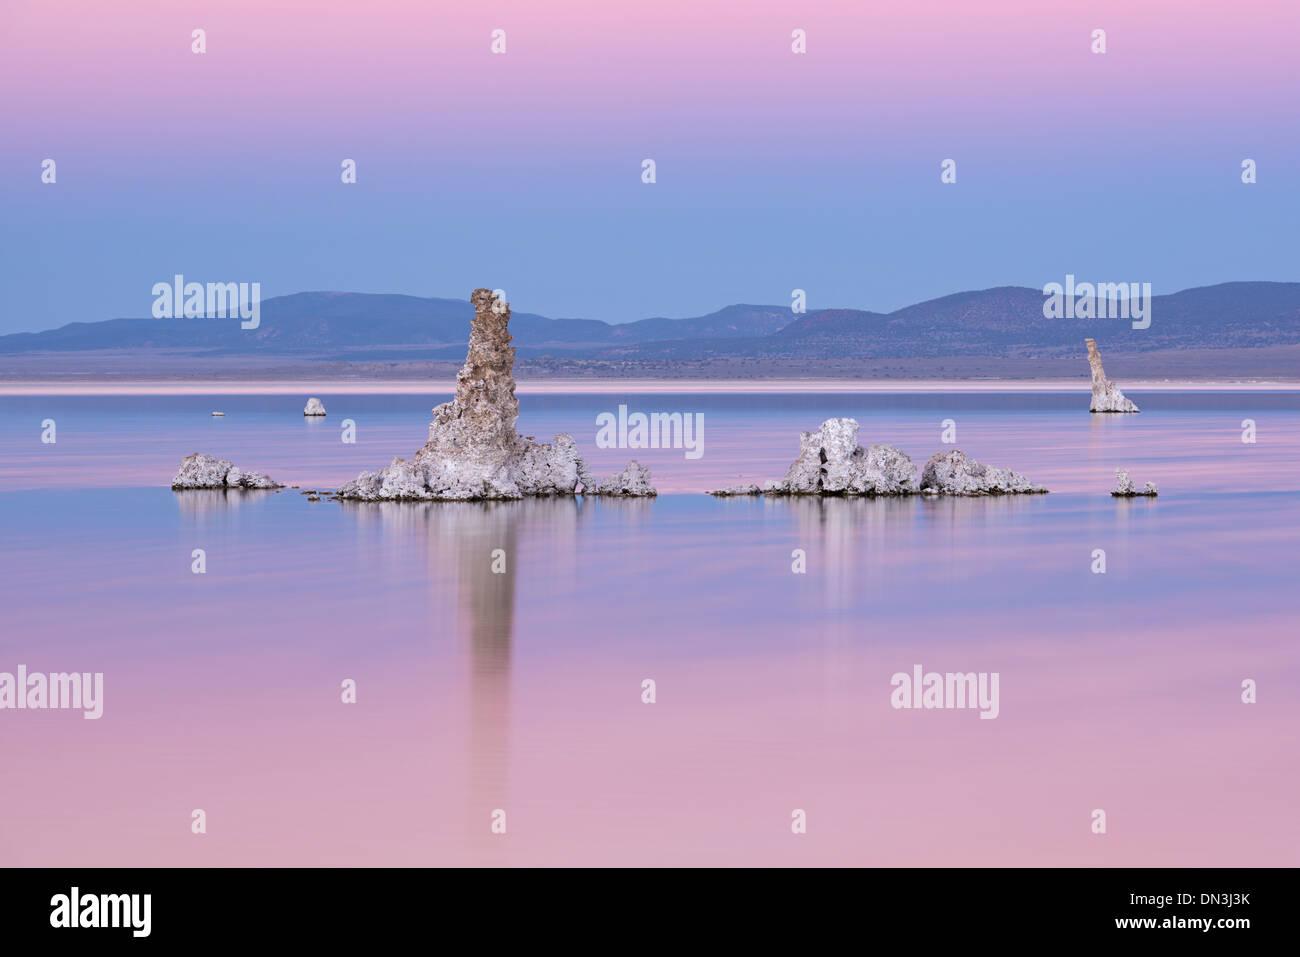 Torri di tufo in Mono lago al crepuscolo, California, Stati Uniti d'America. In autunno (ottobre) 2013. Immagini Stock